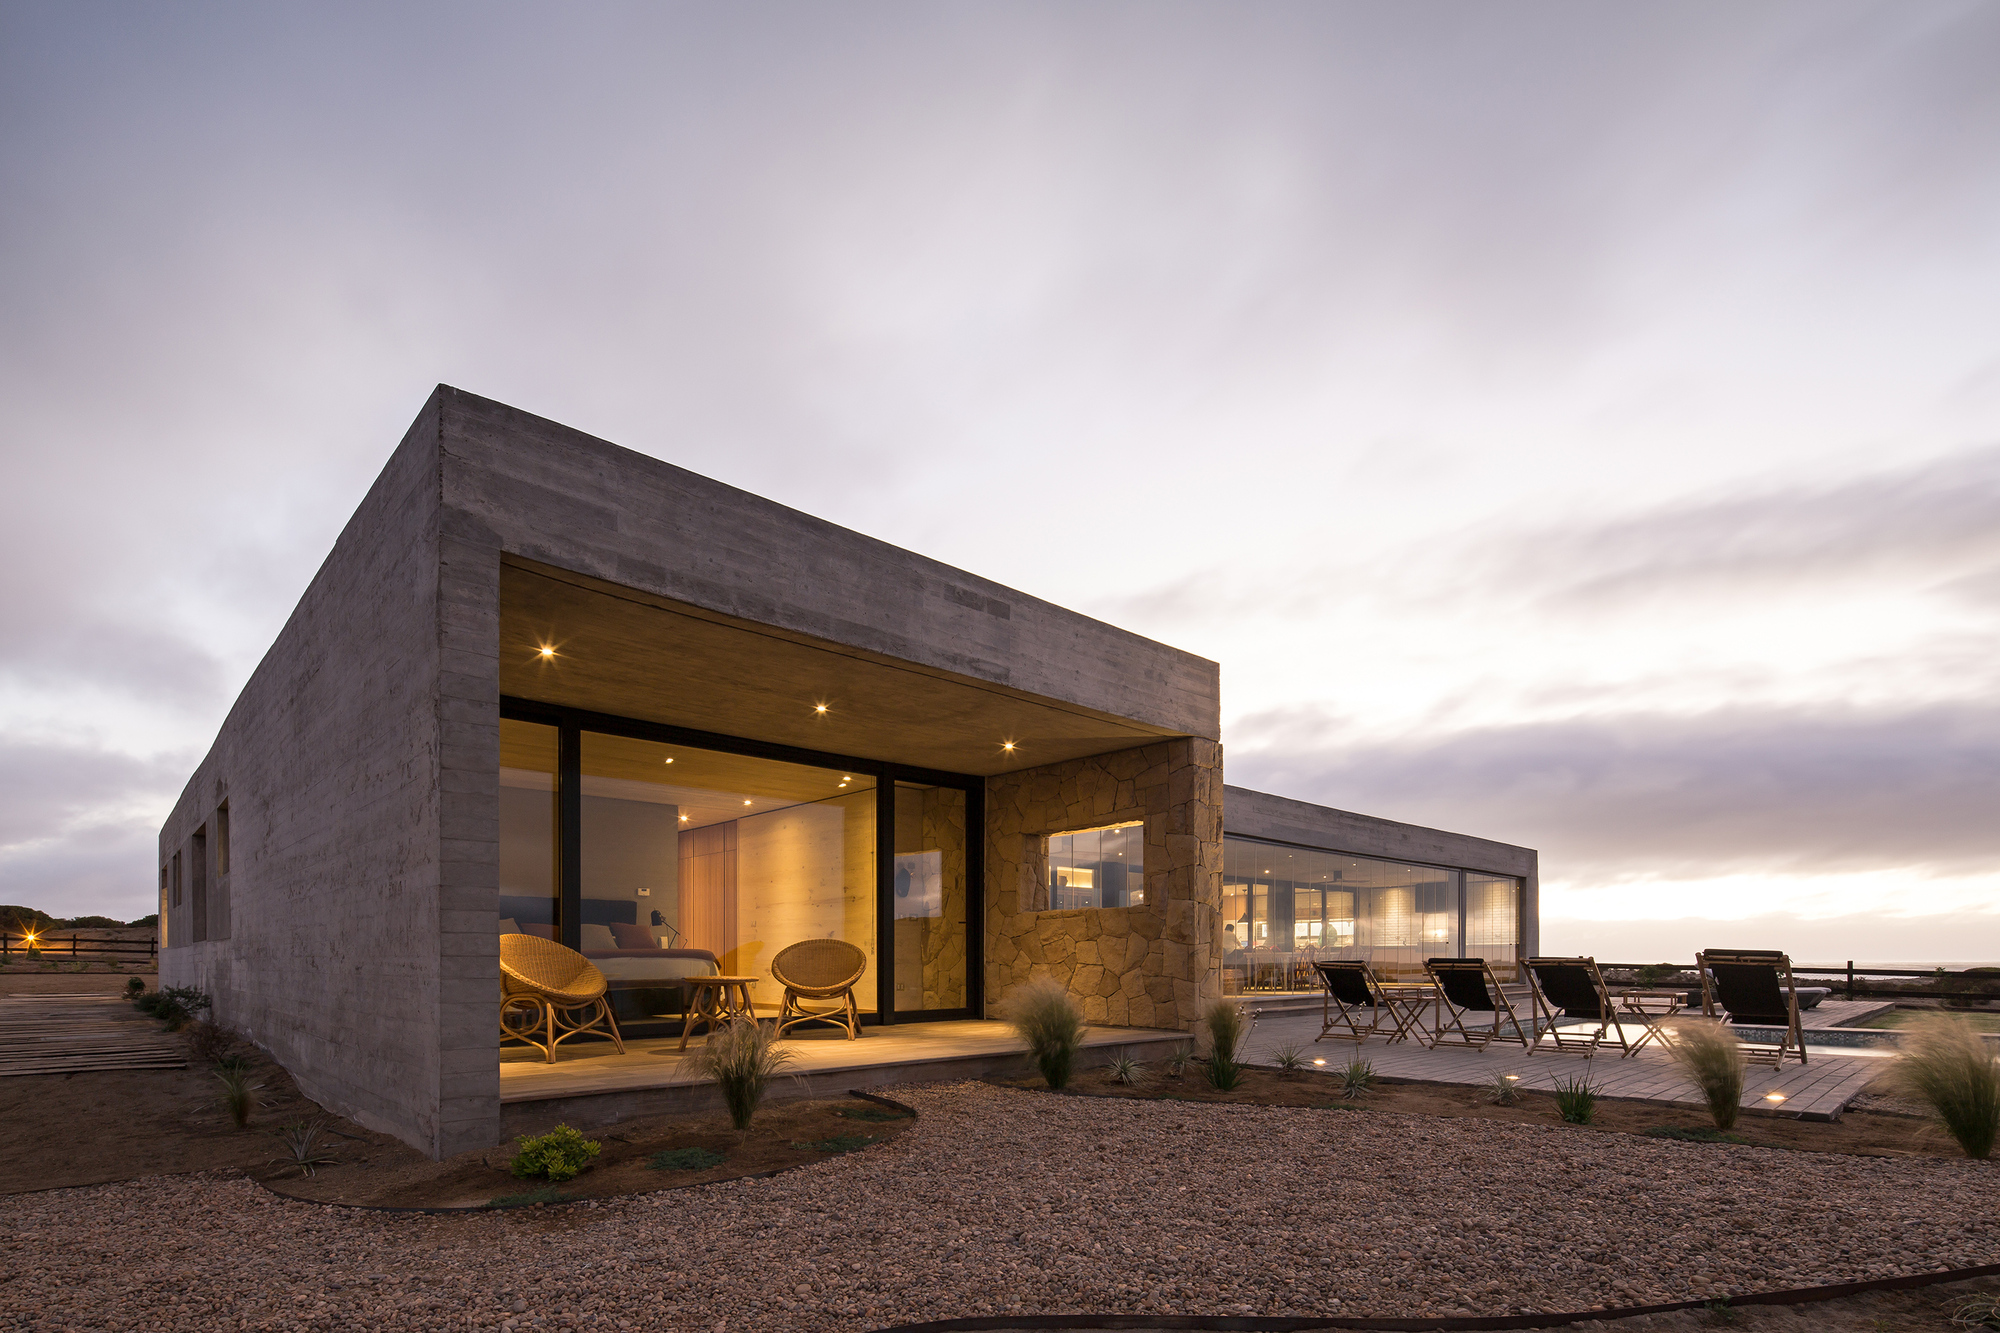 Casa inteligente prefabricada por arquitecto mexicano